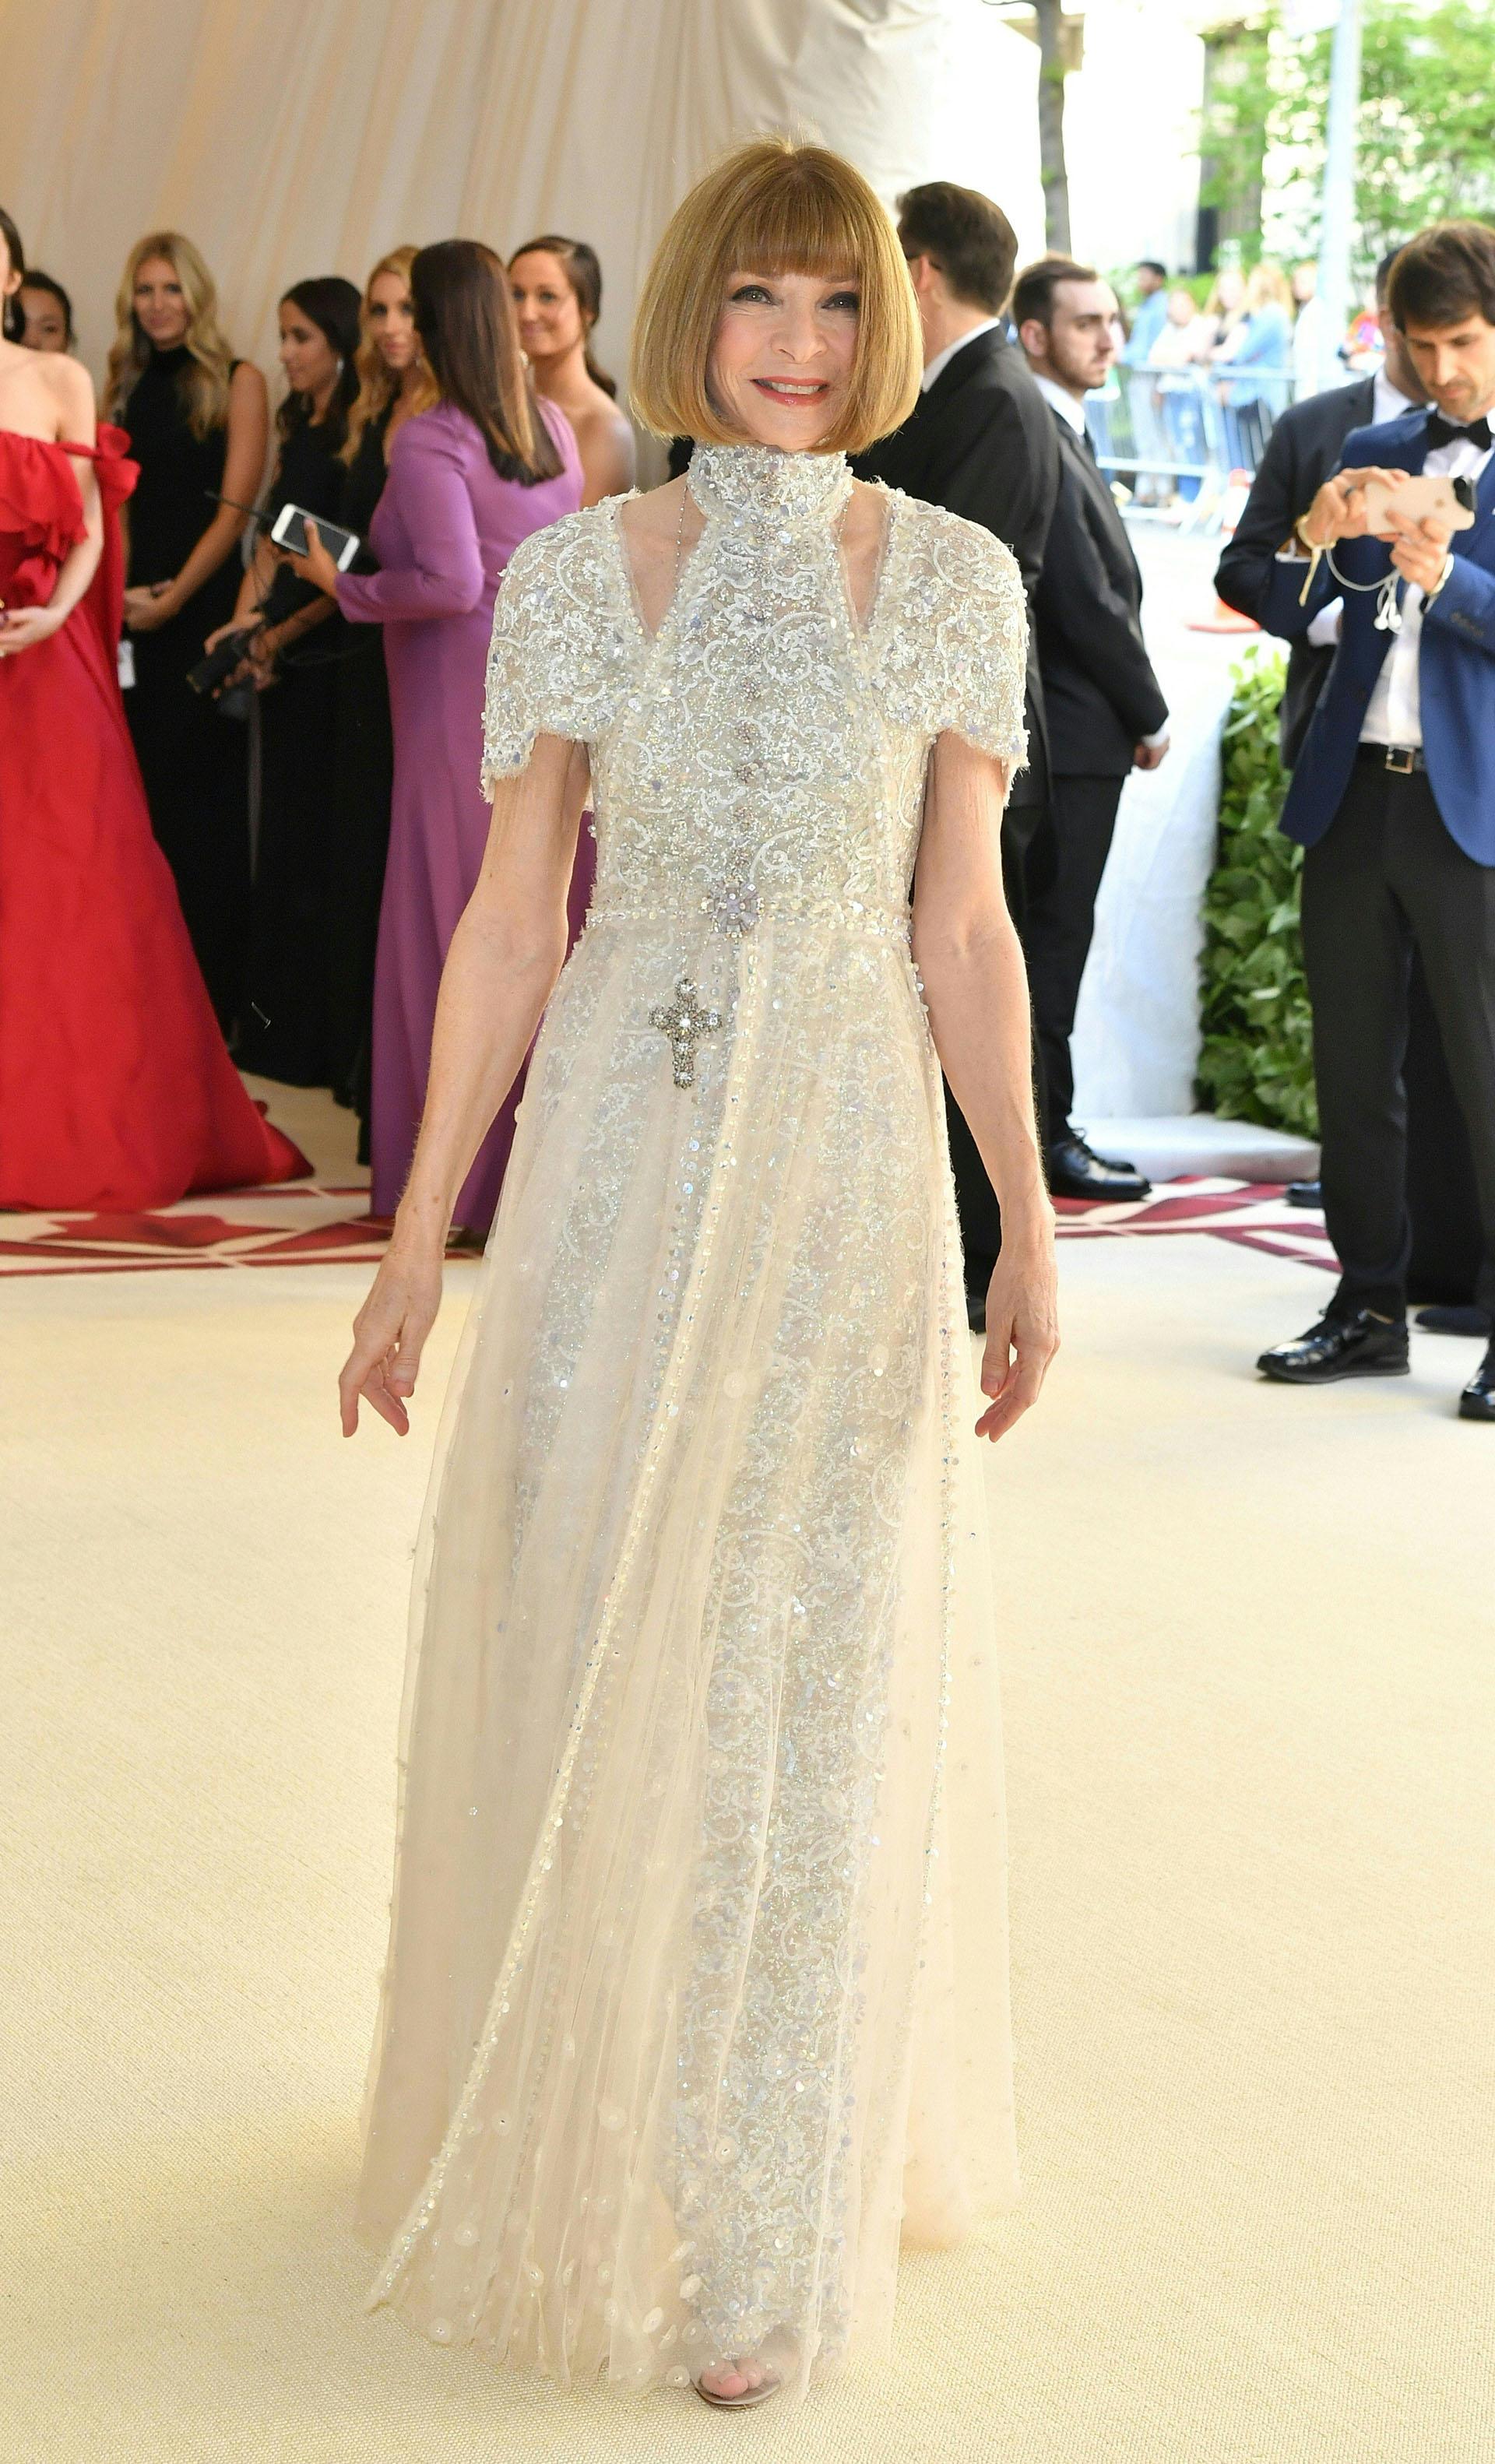 Anna Wintour, la organizadora desde el evento desde 1992 enfundada en un vestido bordado en piedras y tul con escote asimétrico de Chanel